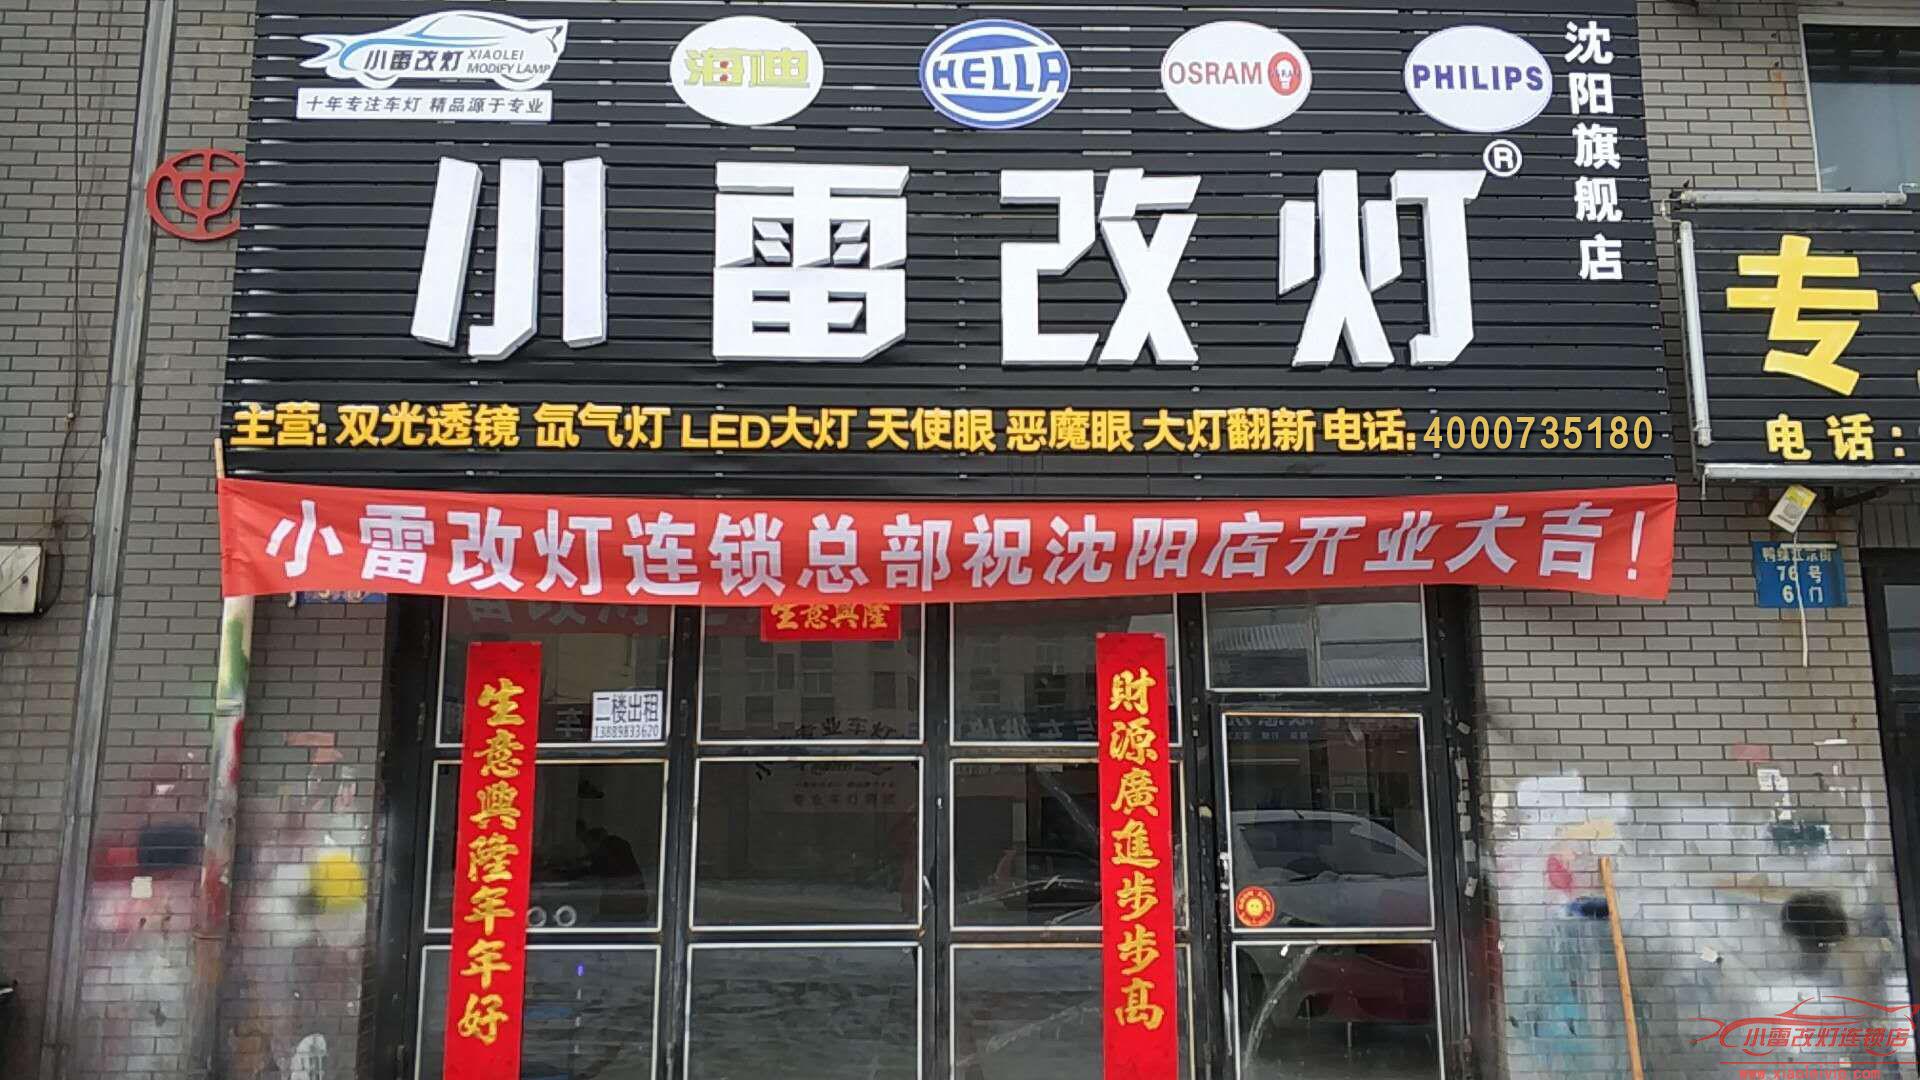 小雷改灯连锁店沈阳旗舰店